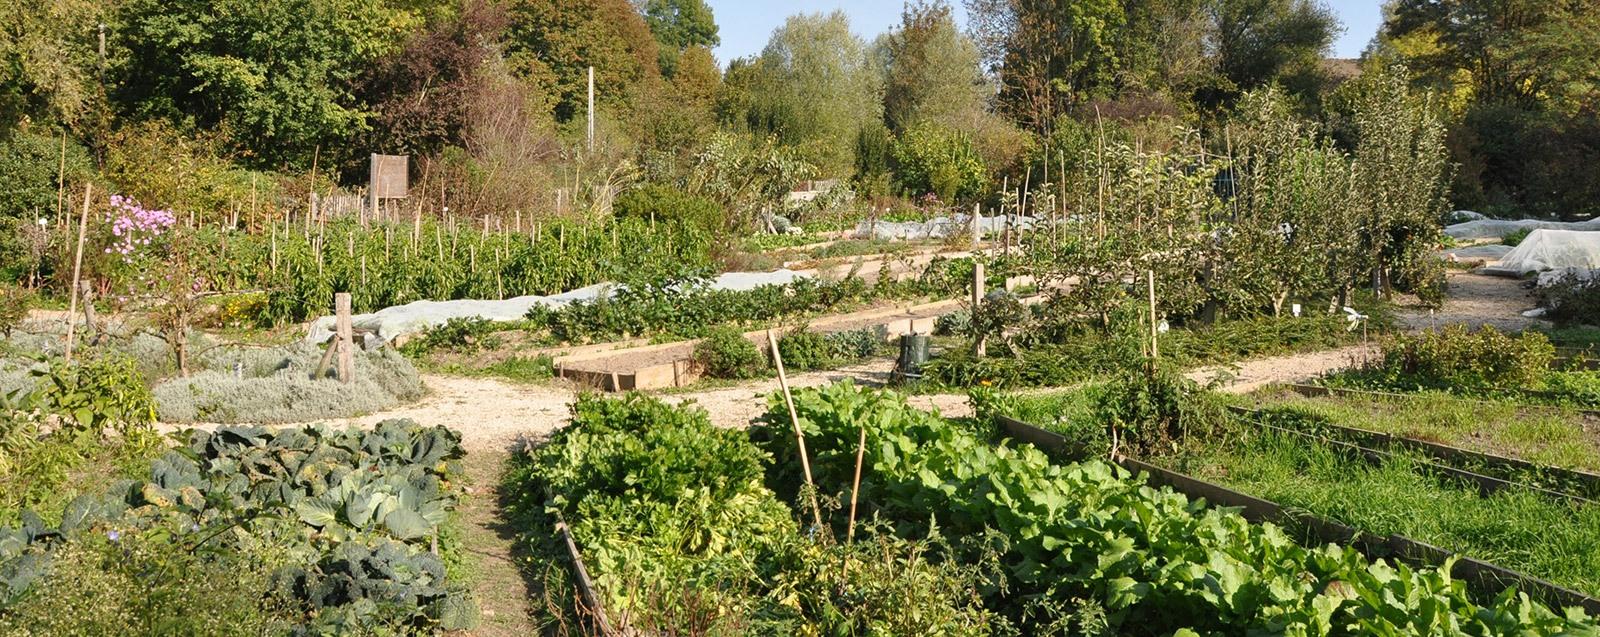 Jardin collectif de Vaugelas, Villefontaine